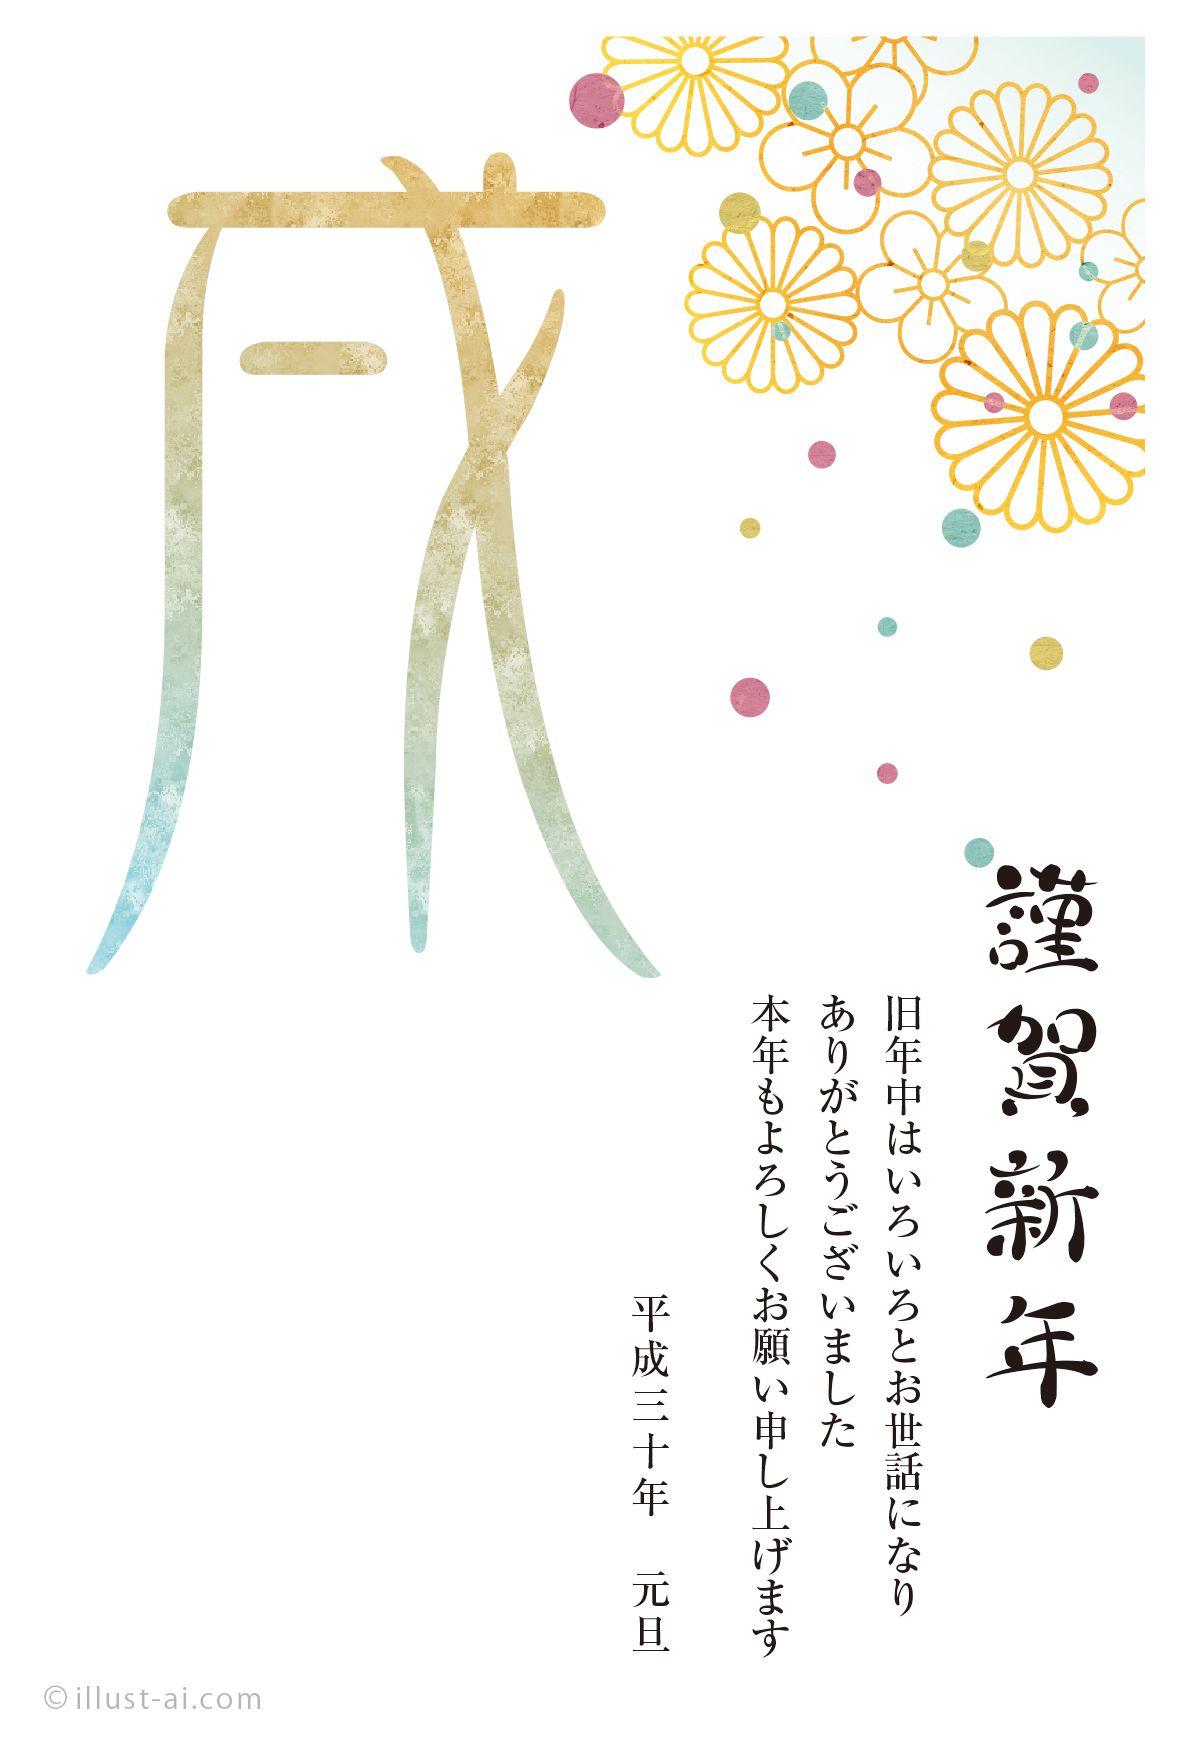 和な花柄と大きな「戌」の文字が華やかな年賀状 年賀状 2018 人気 無料